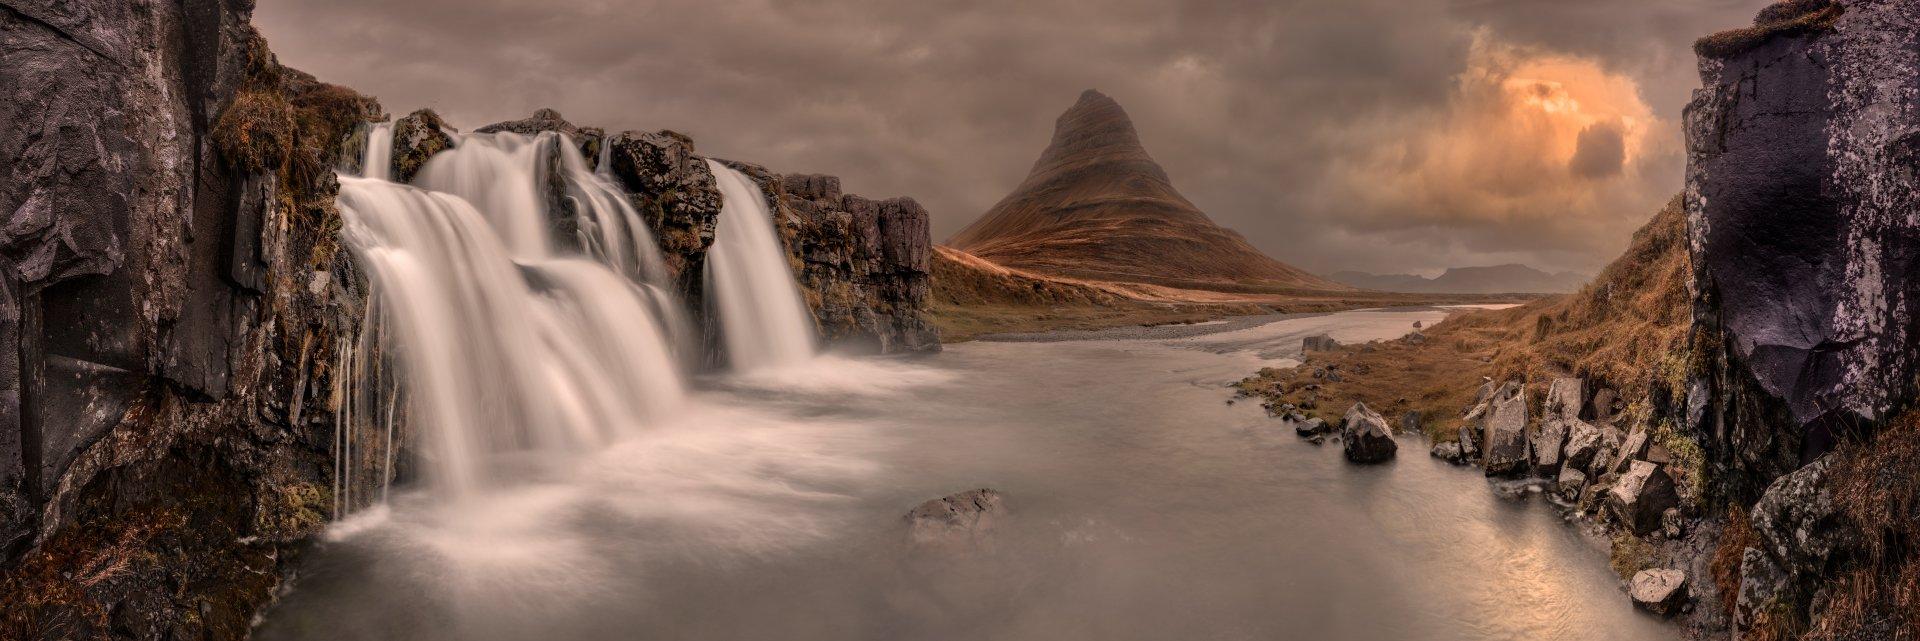 iceland, исландия, Сергей Алещенко